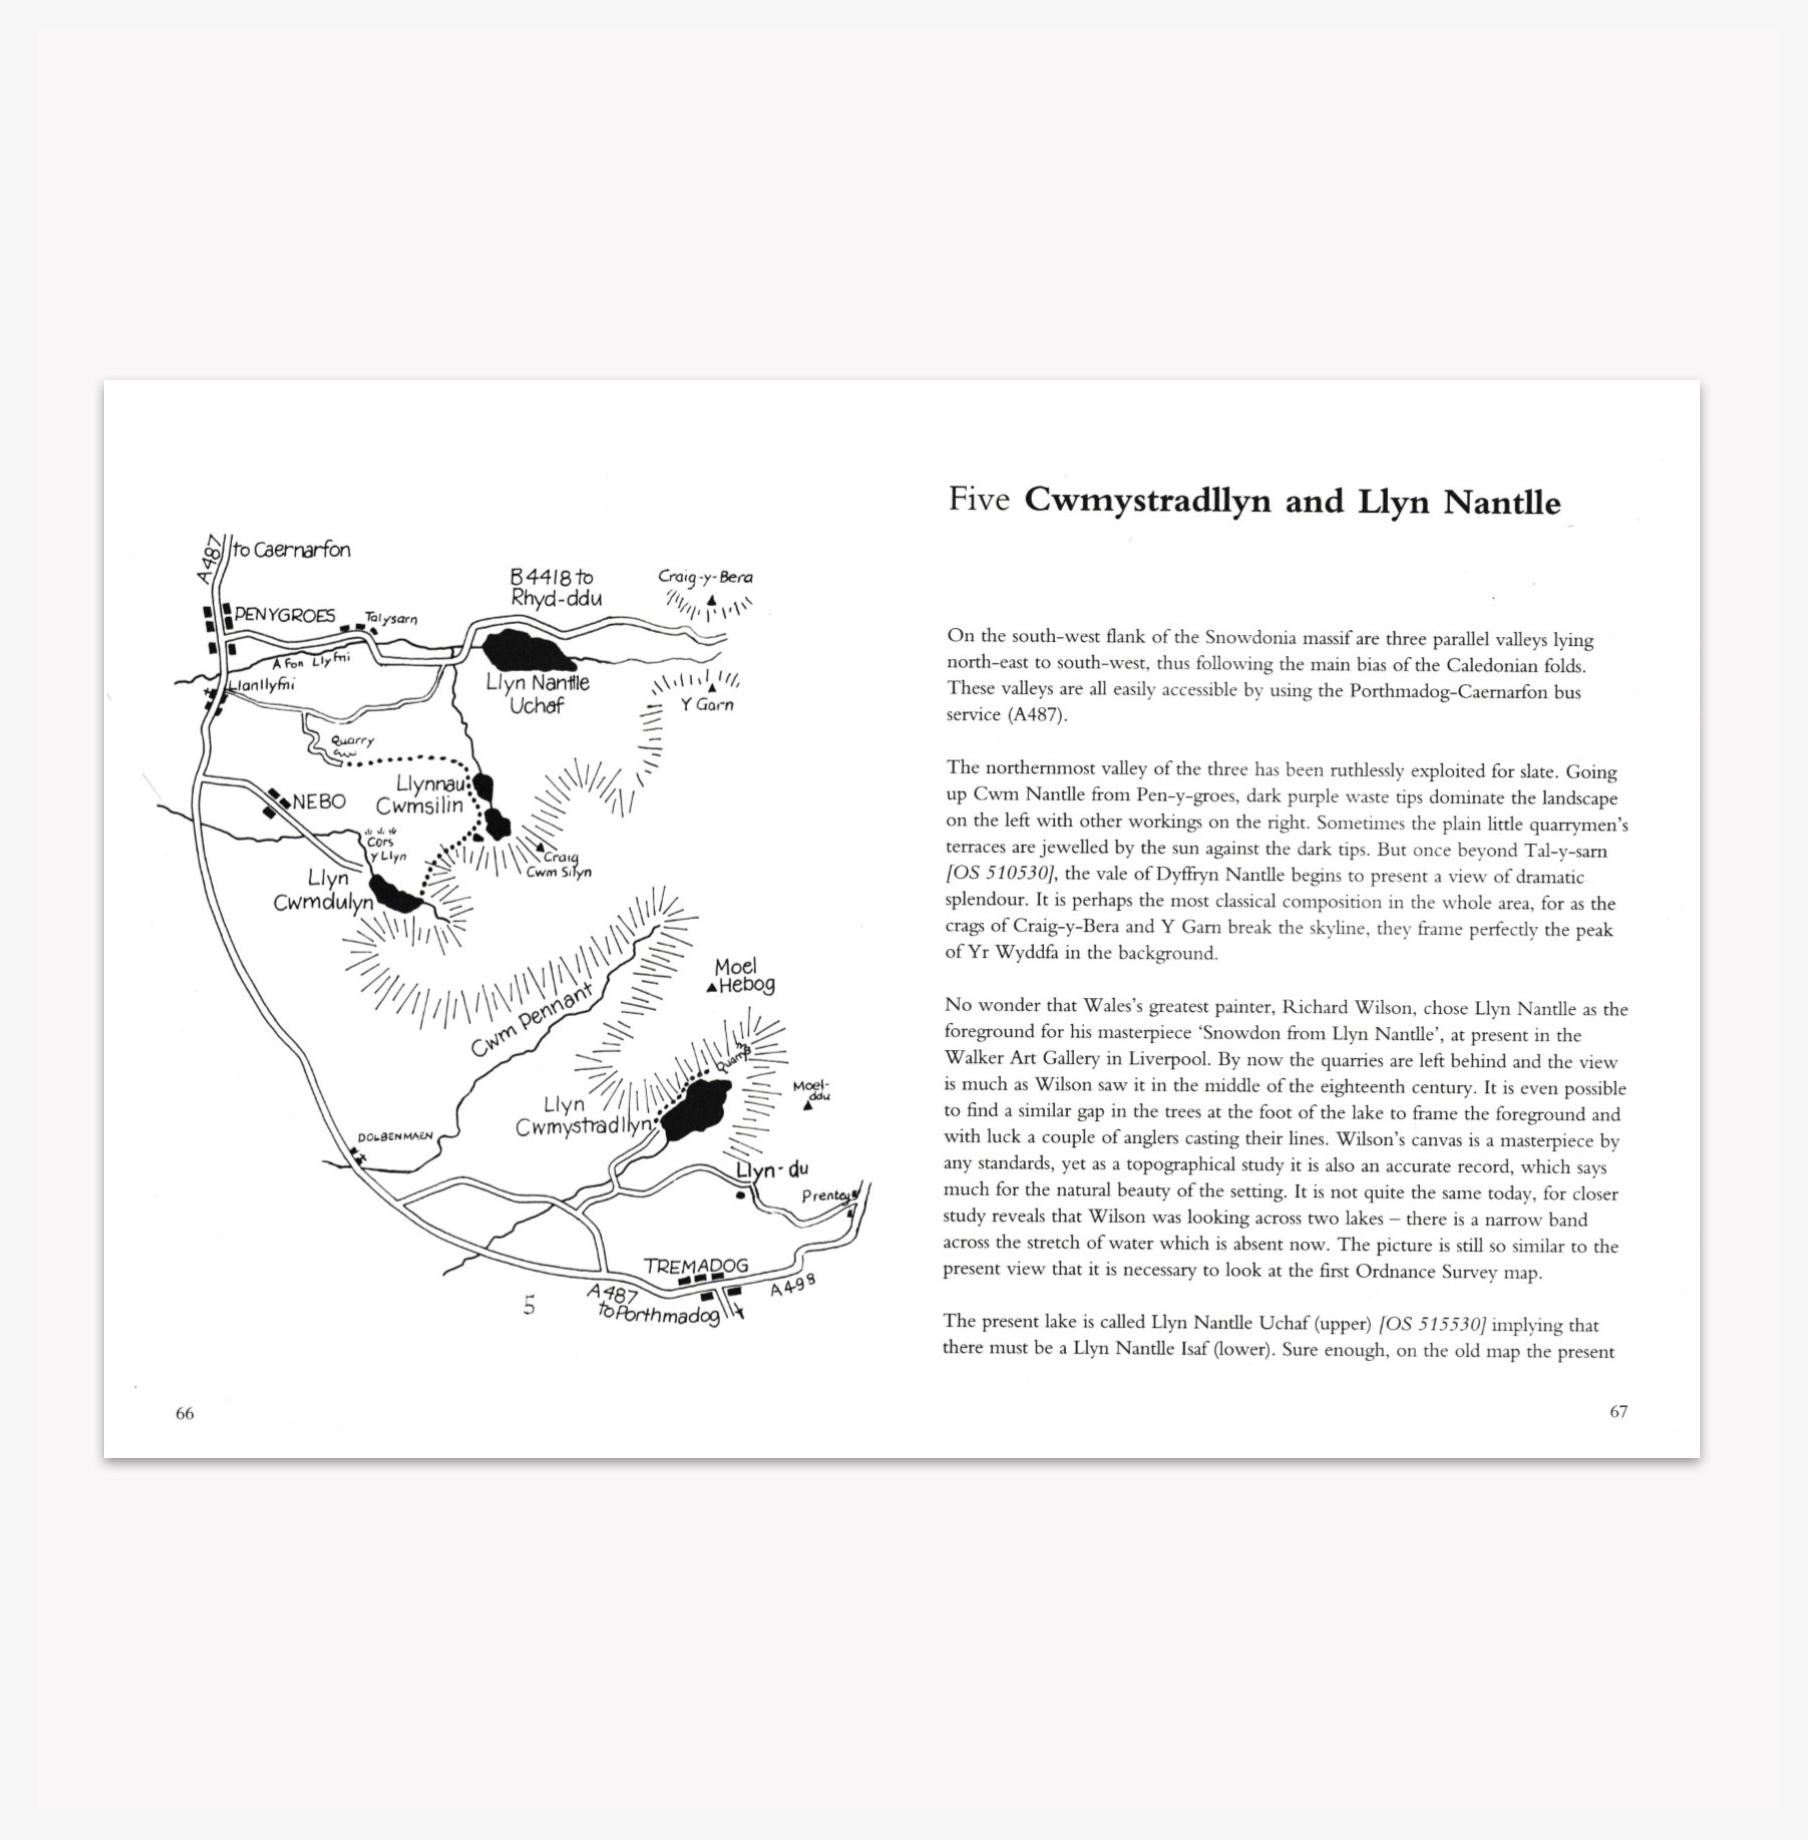 Lakes-book_66-67_framed